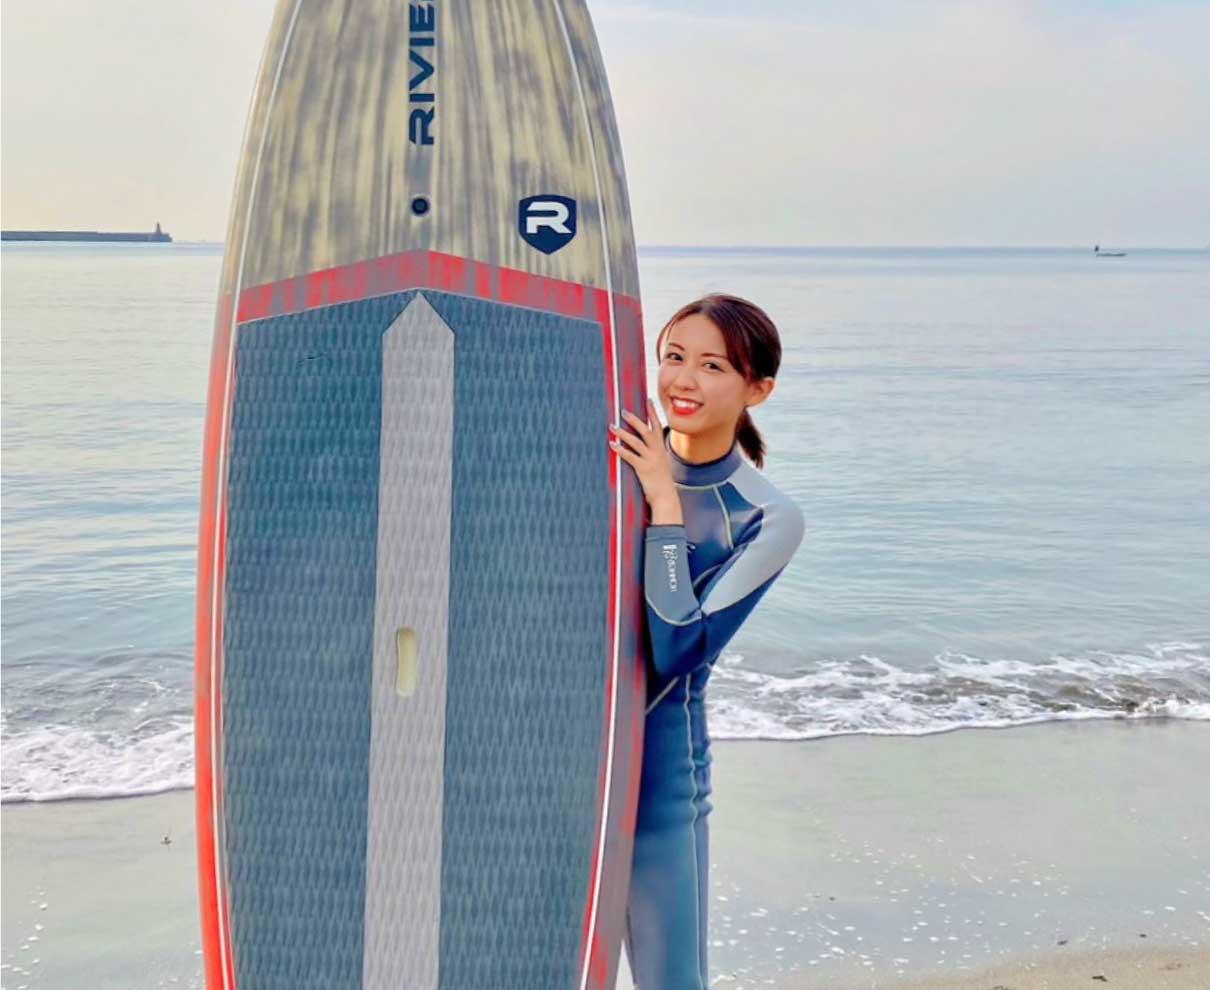 福井に帰れなかった2021年のお正月。年末は大好きな海で久しぶりのSUP!